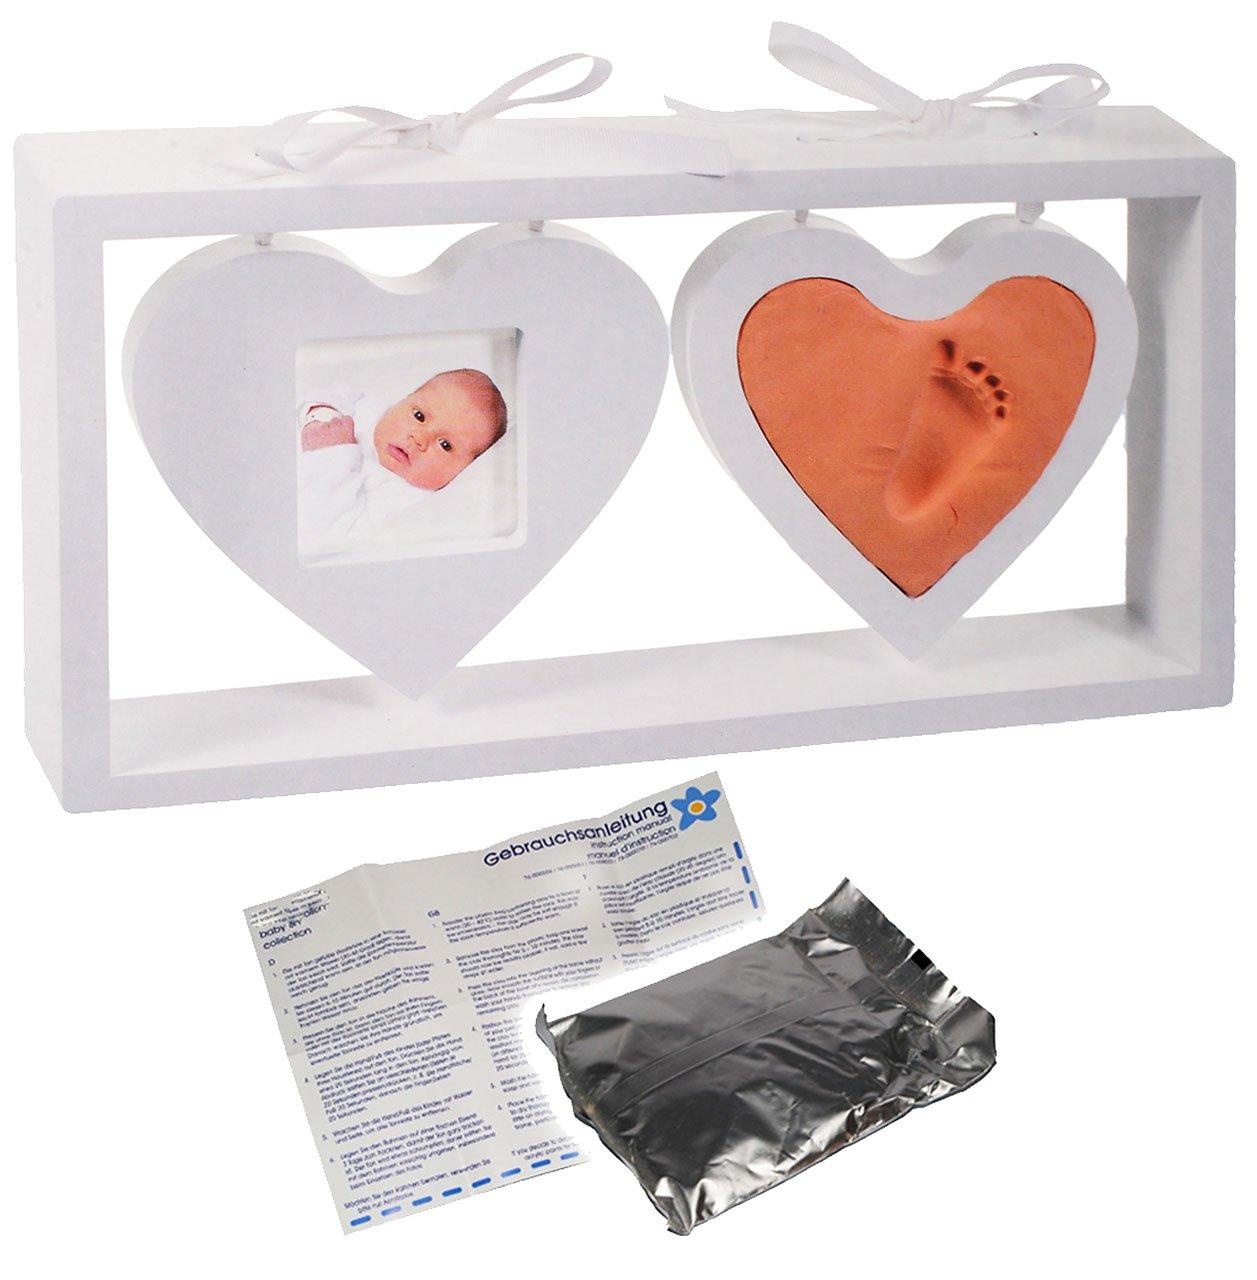 Unbekannt 3-D Bastelset _ Händeabdruck + Fußabdruck - incl. Rahmen + Name - 2 hängende Herzen in weiß - Babyfoto - Babyabdruck - Set Ton Abdruck - Aufstellen - gießen G.. Kinder - land